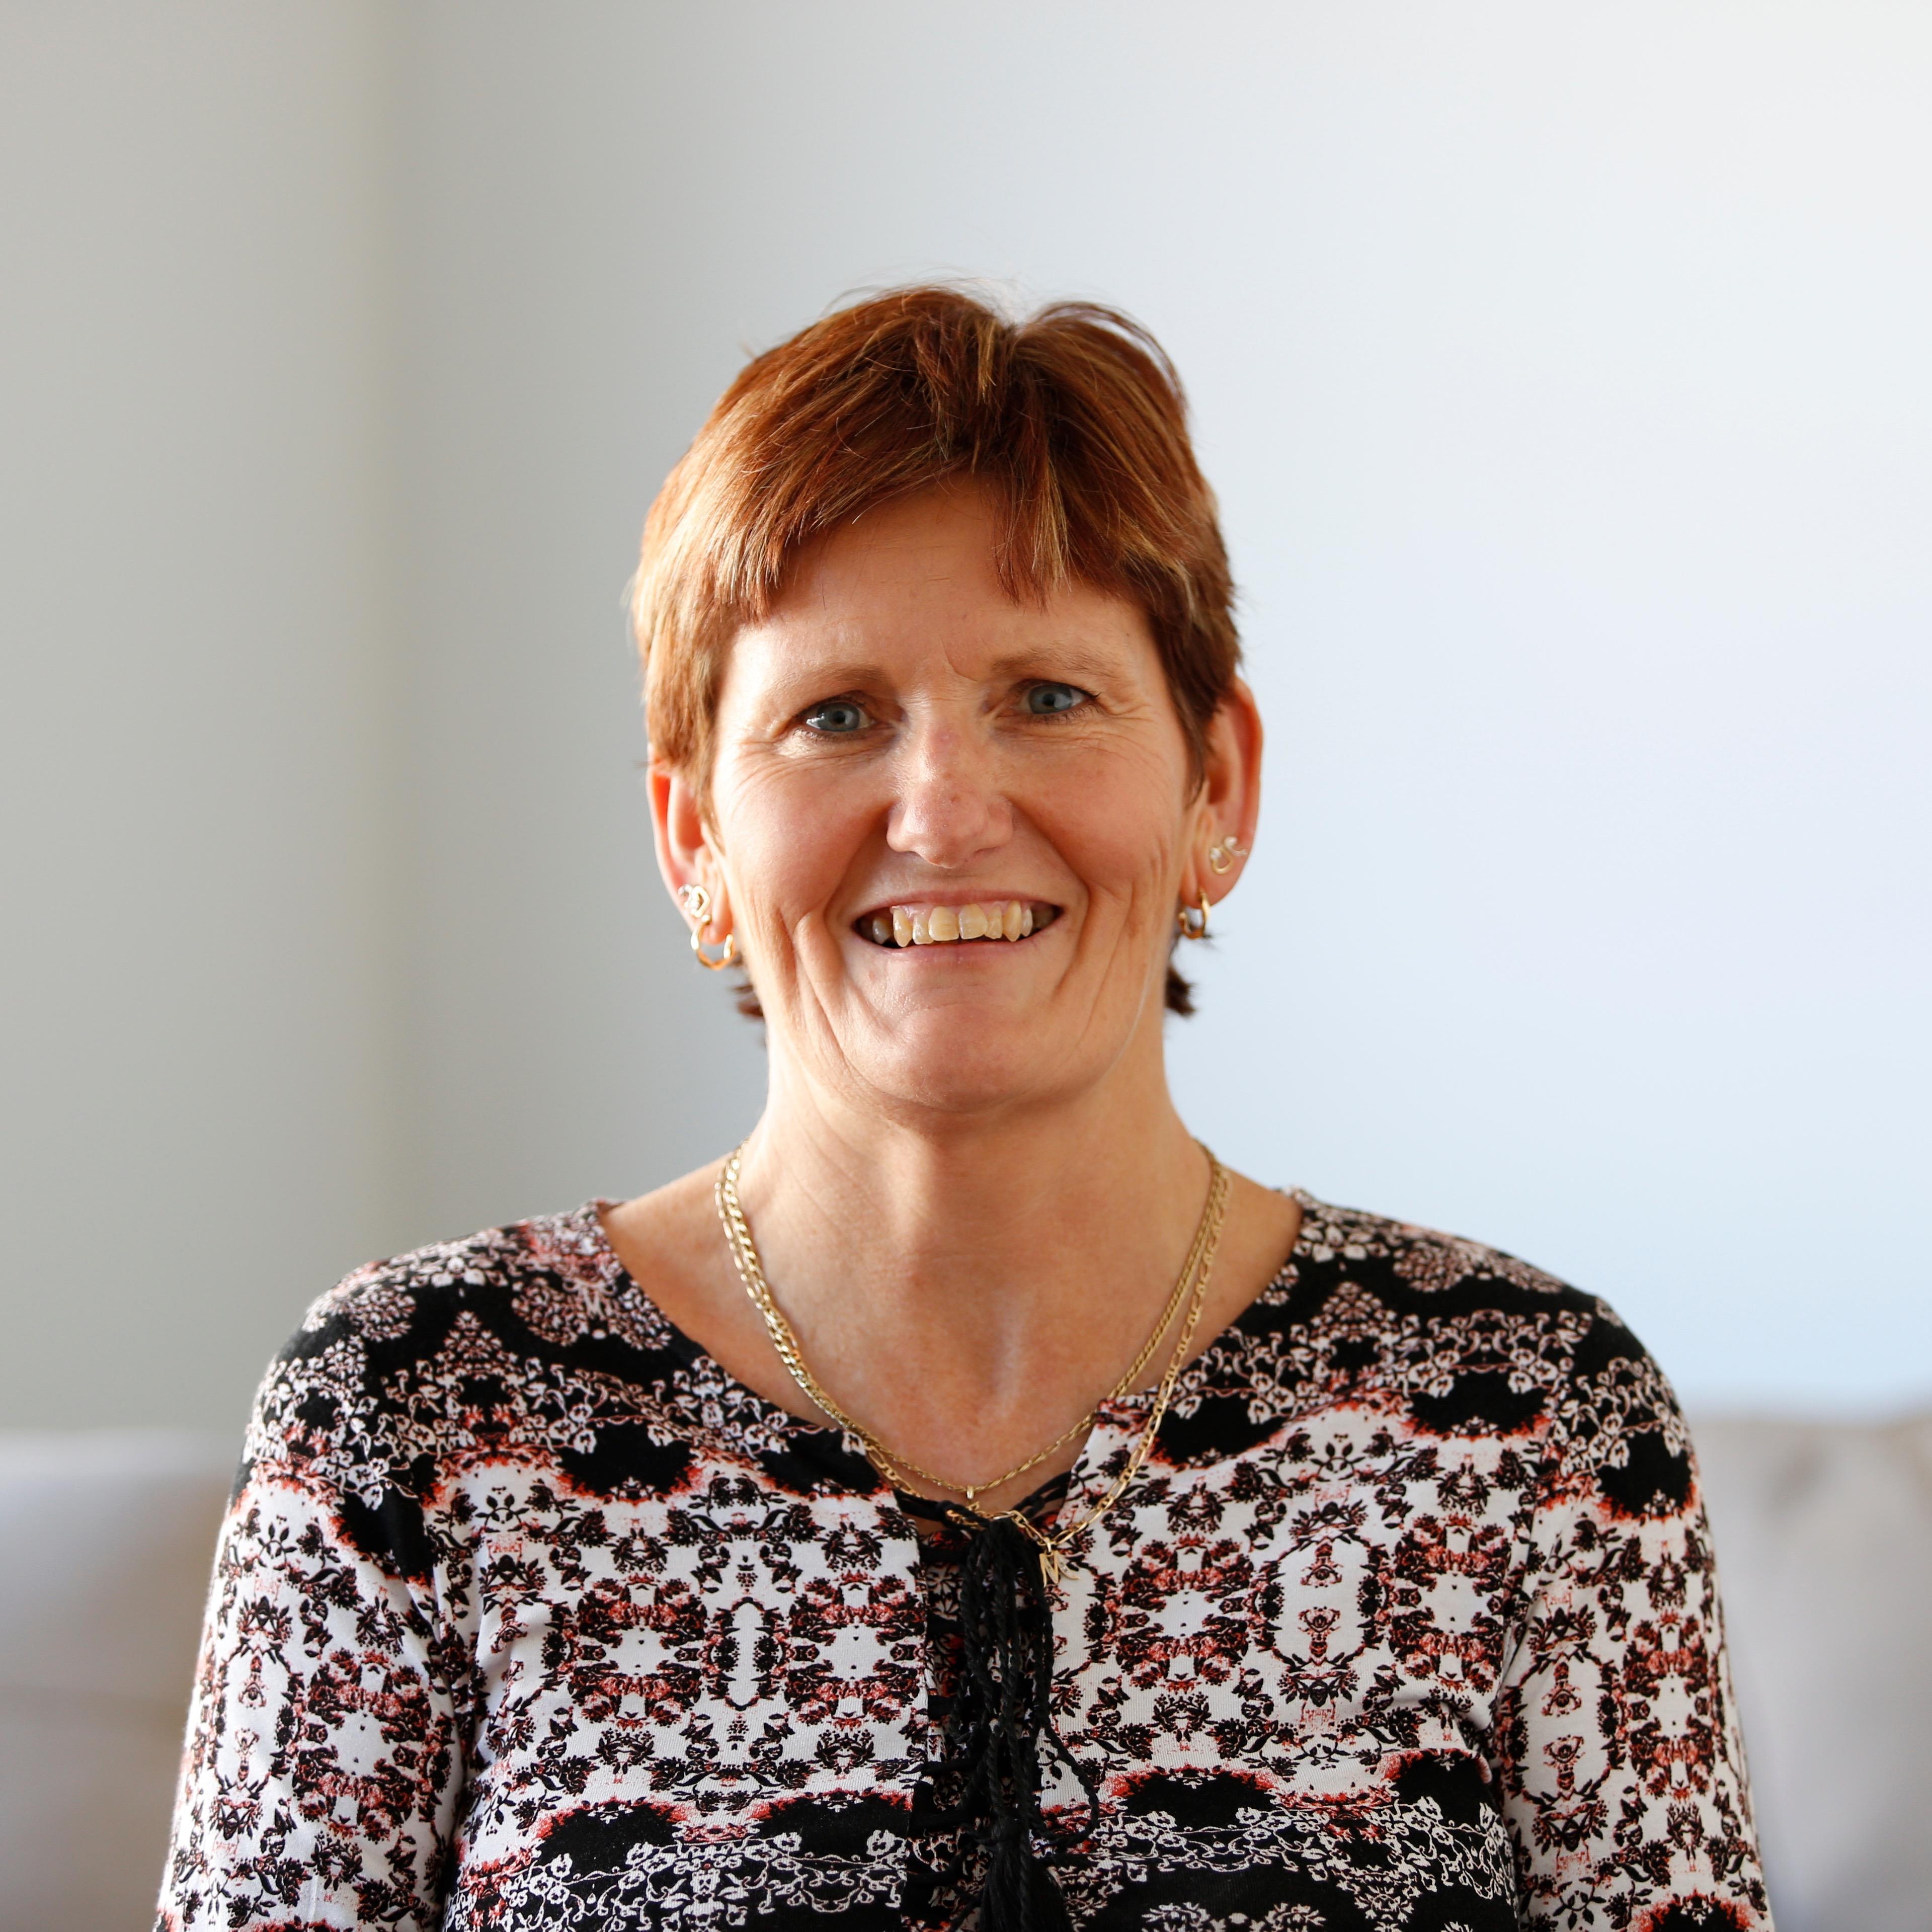 Susan Birch